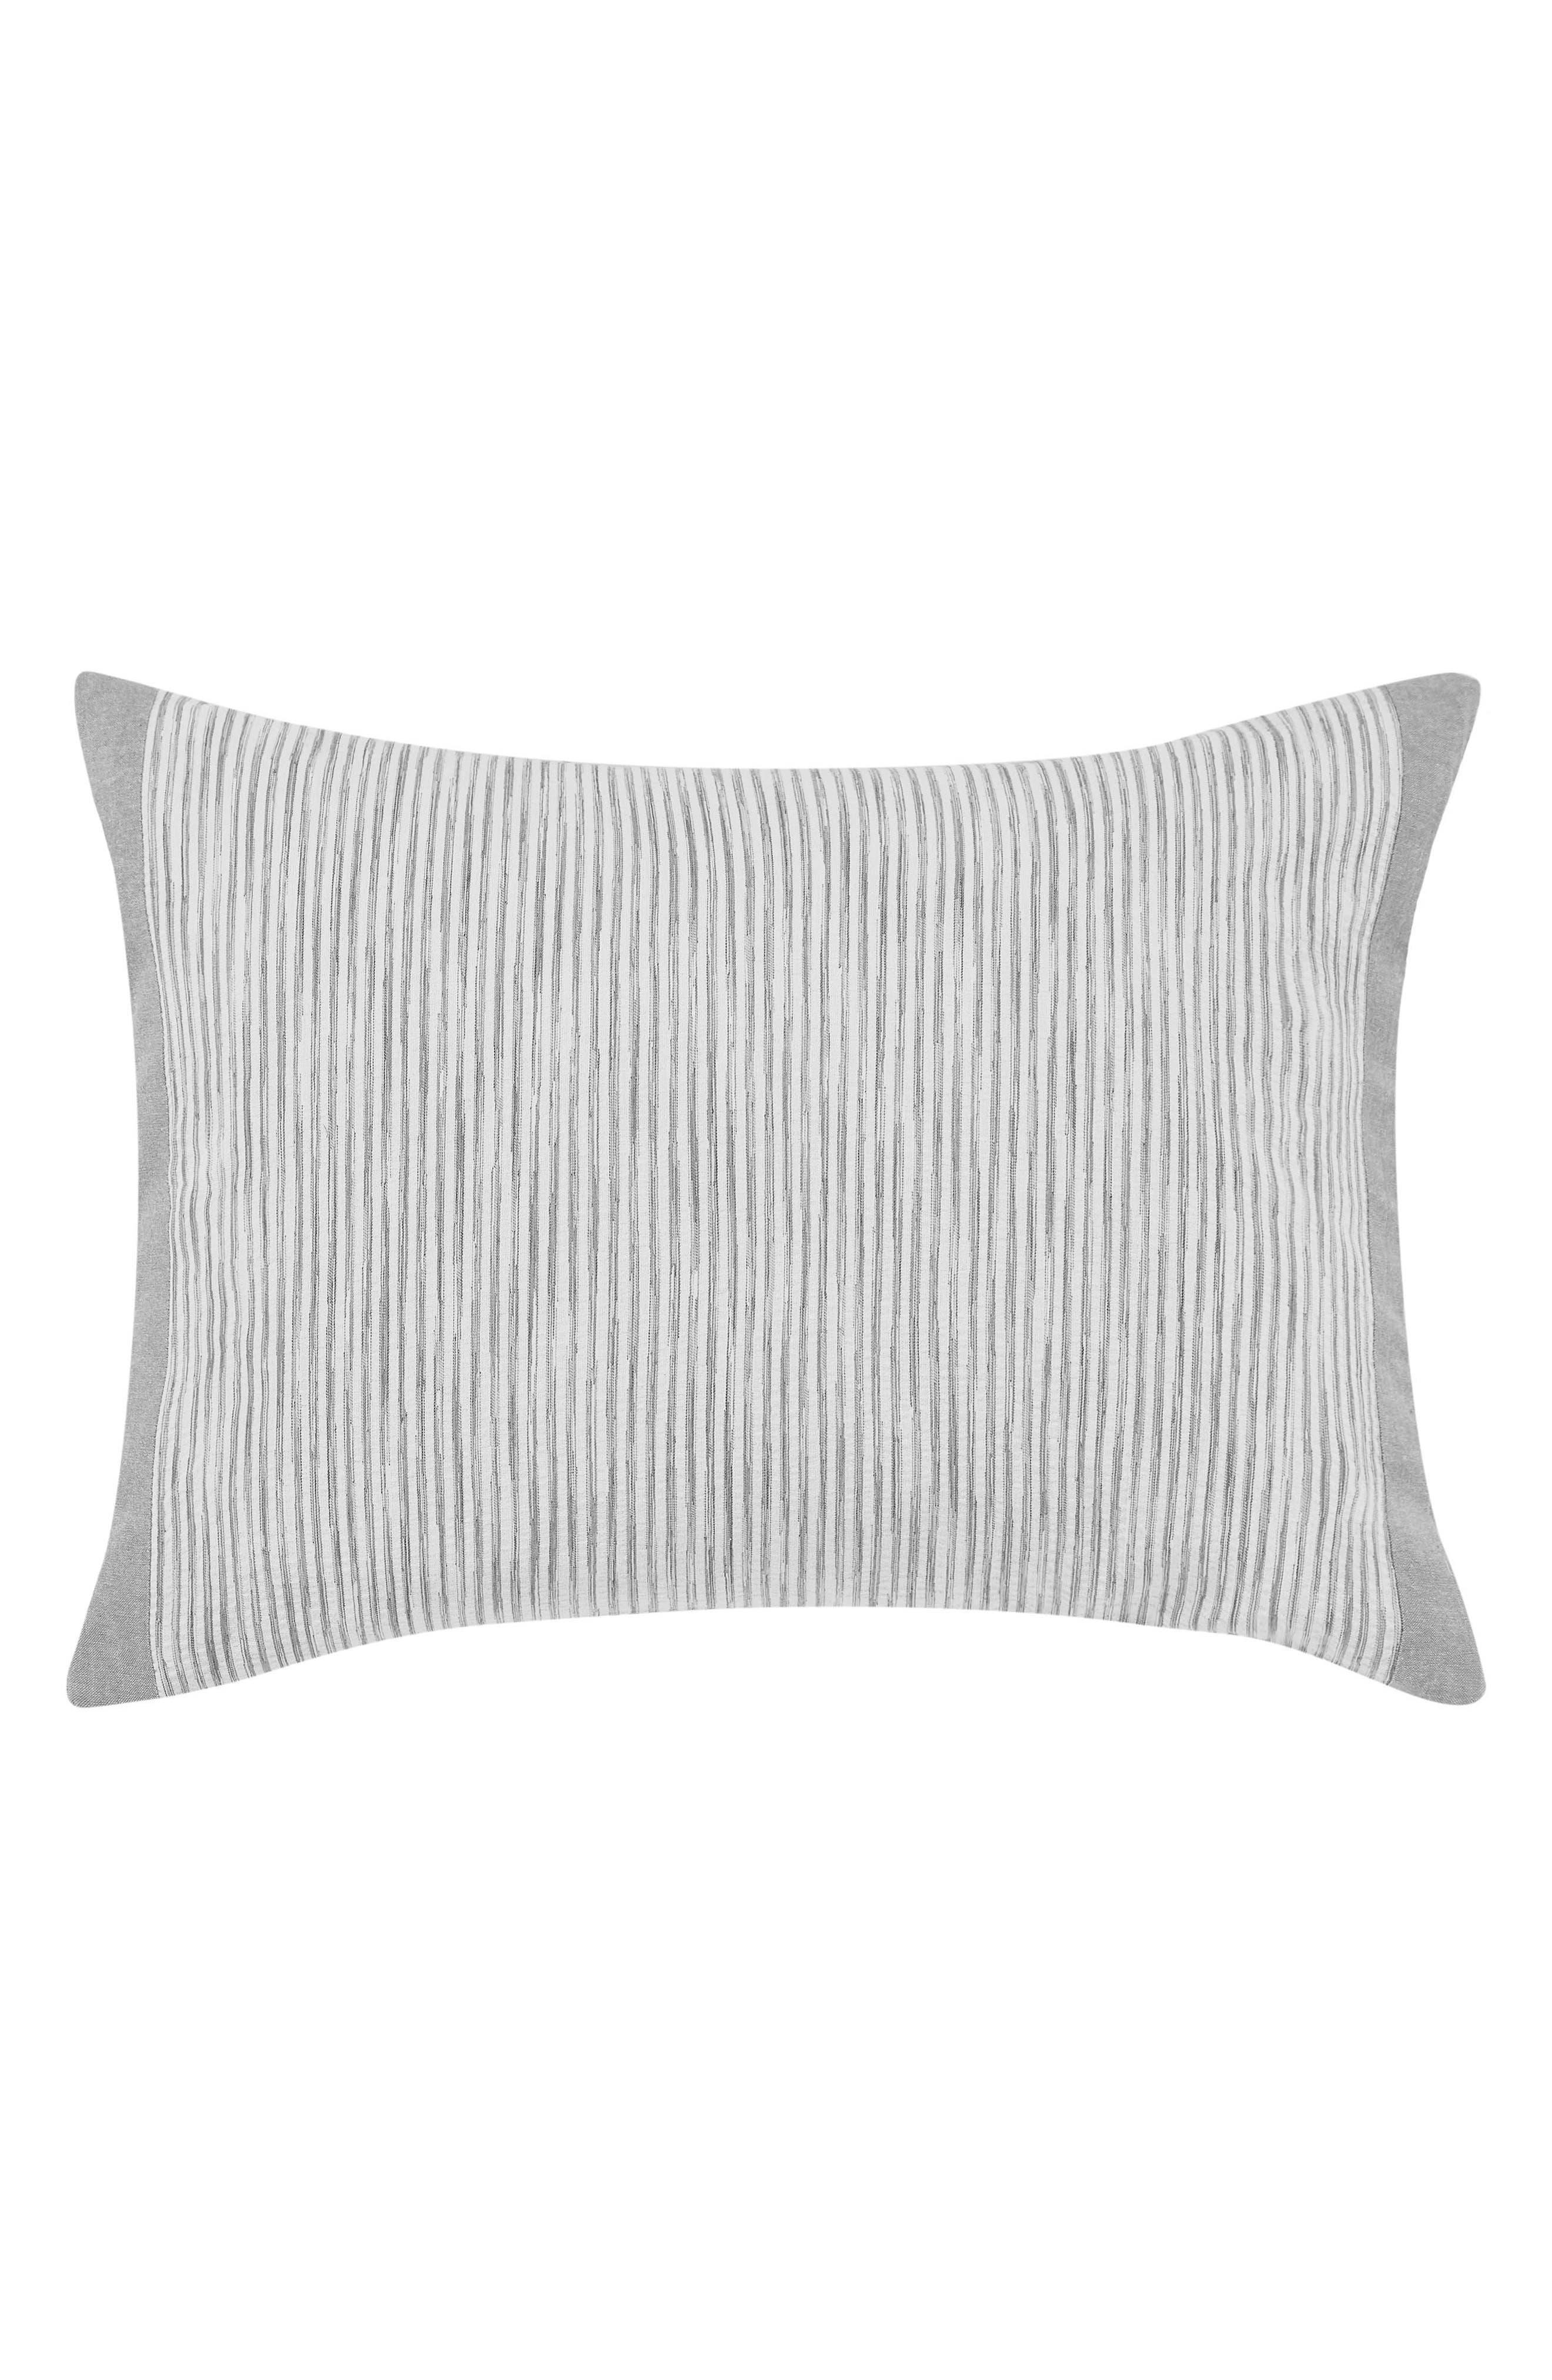 Claremont Stripe Accent Pillow,                             Main thumbnail 1, color,                             PASTEL GREY